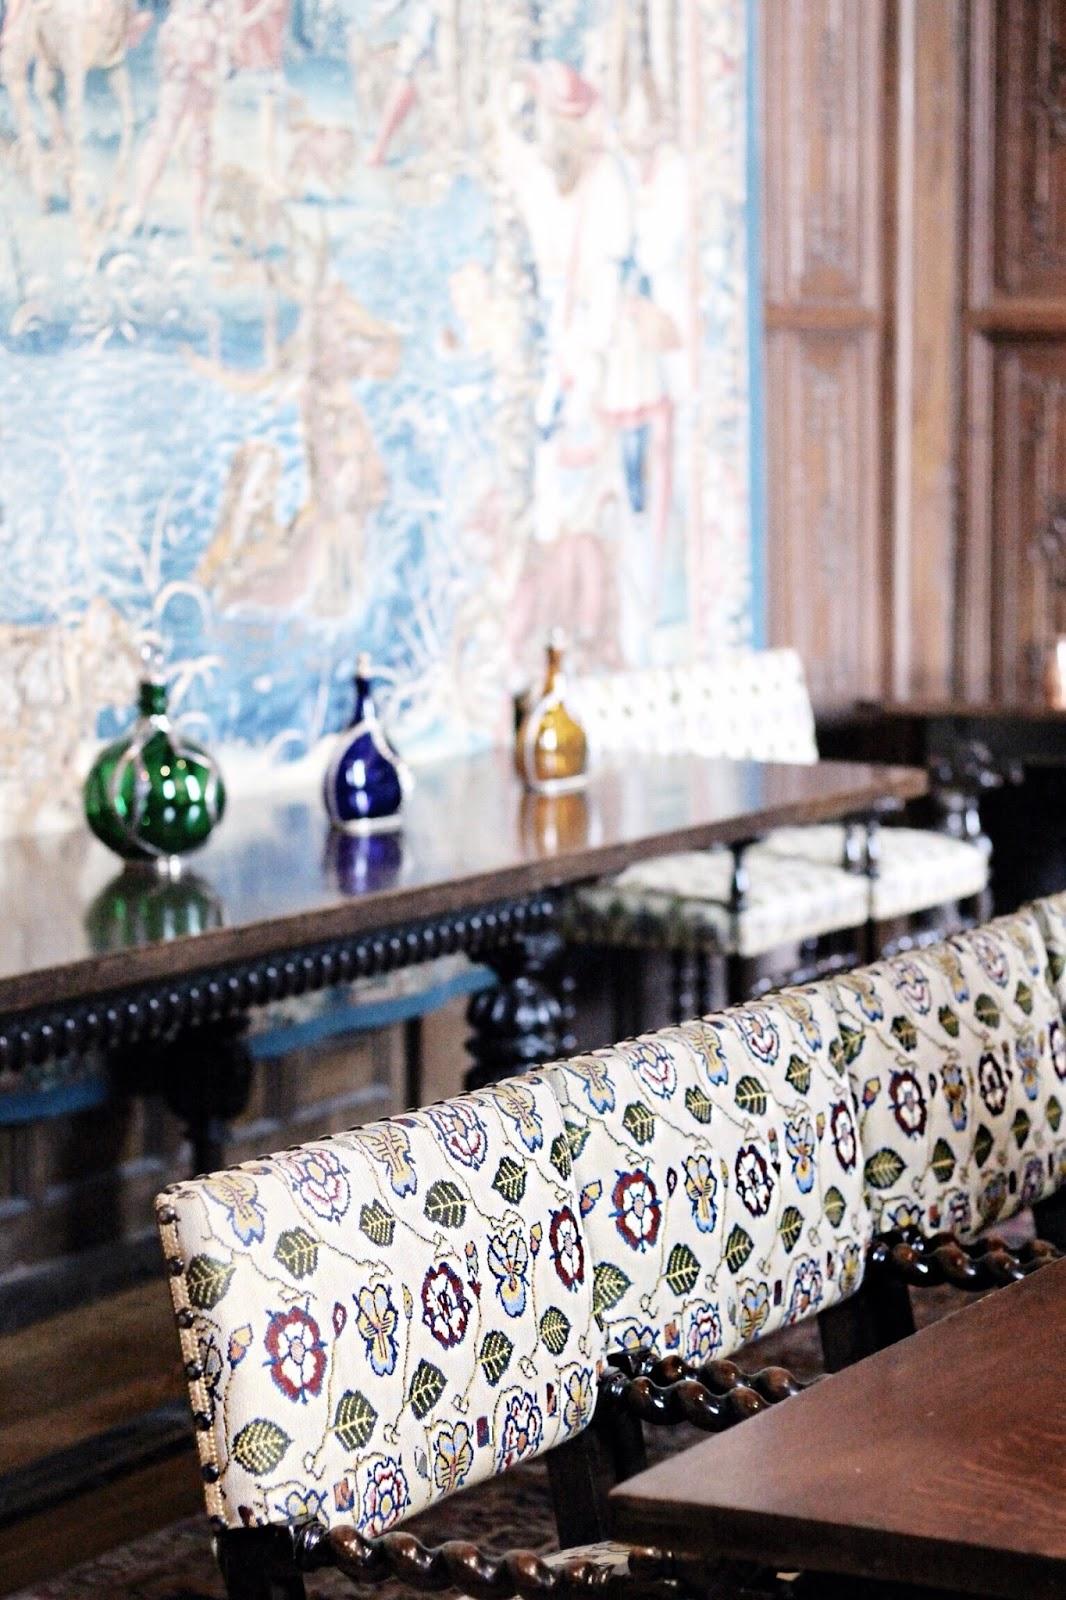 Interior design at Hever Castle